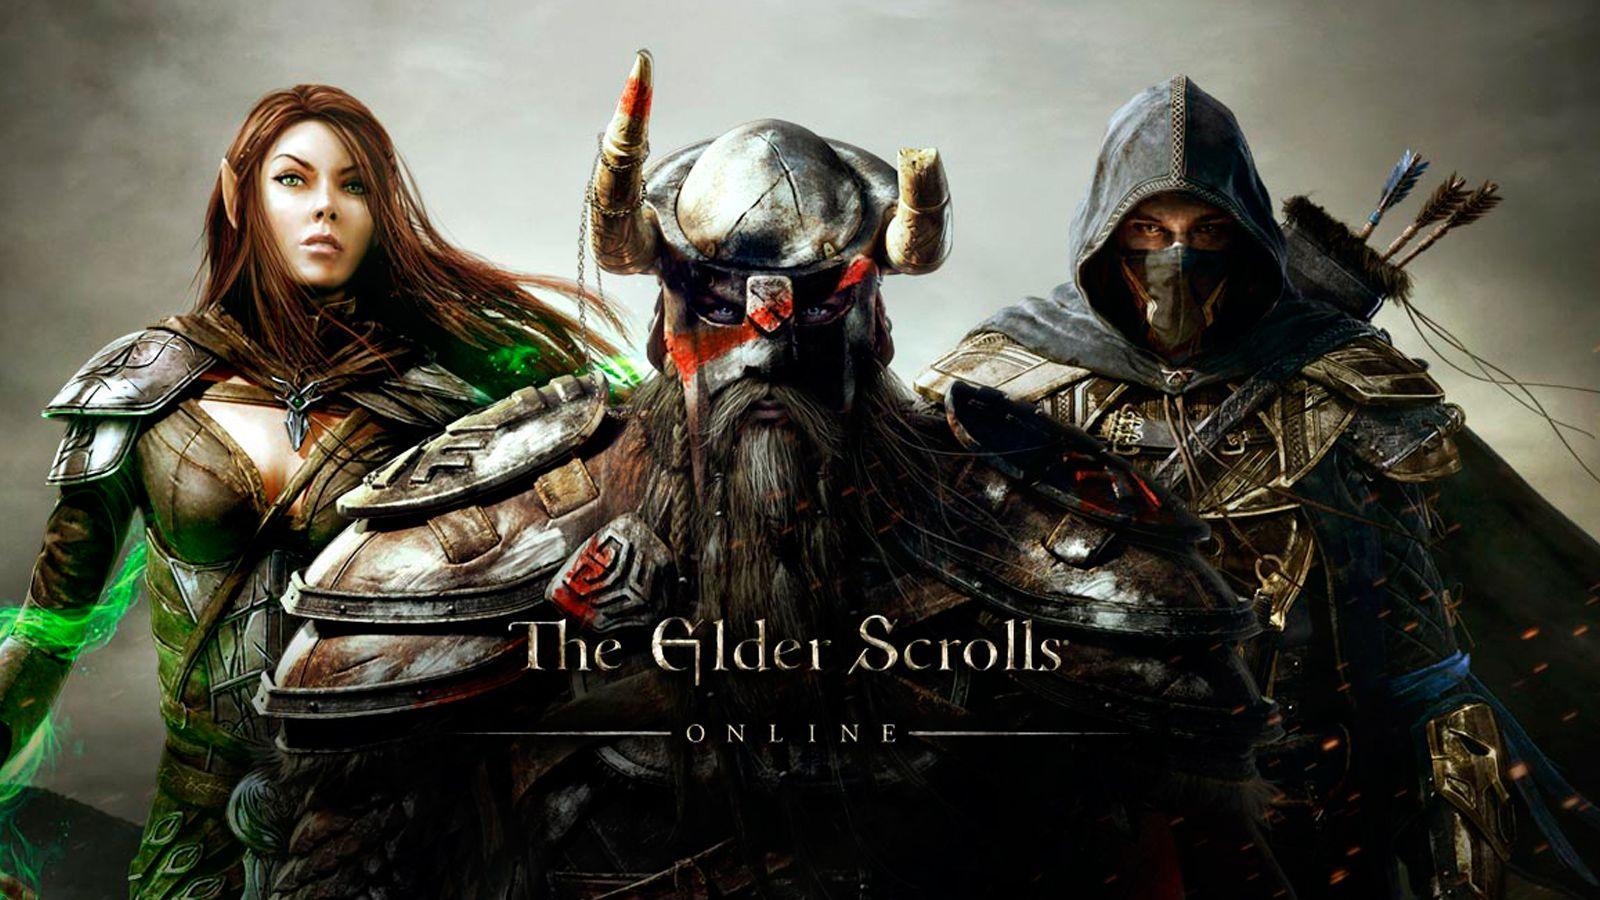 Elder Scrolls 6 Wallpapers Wallpaper Cave